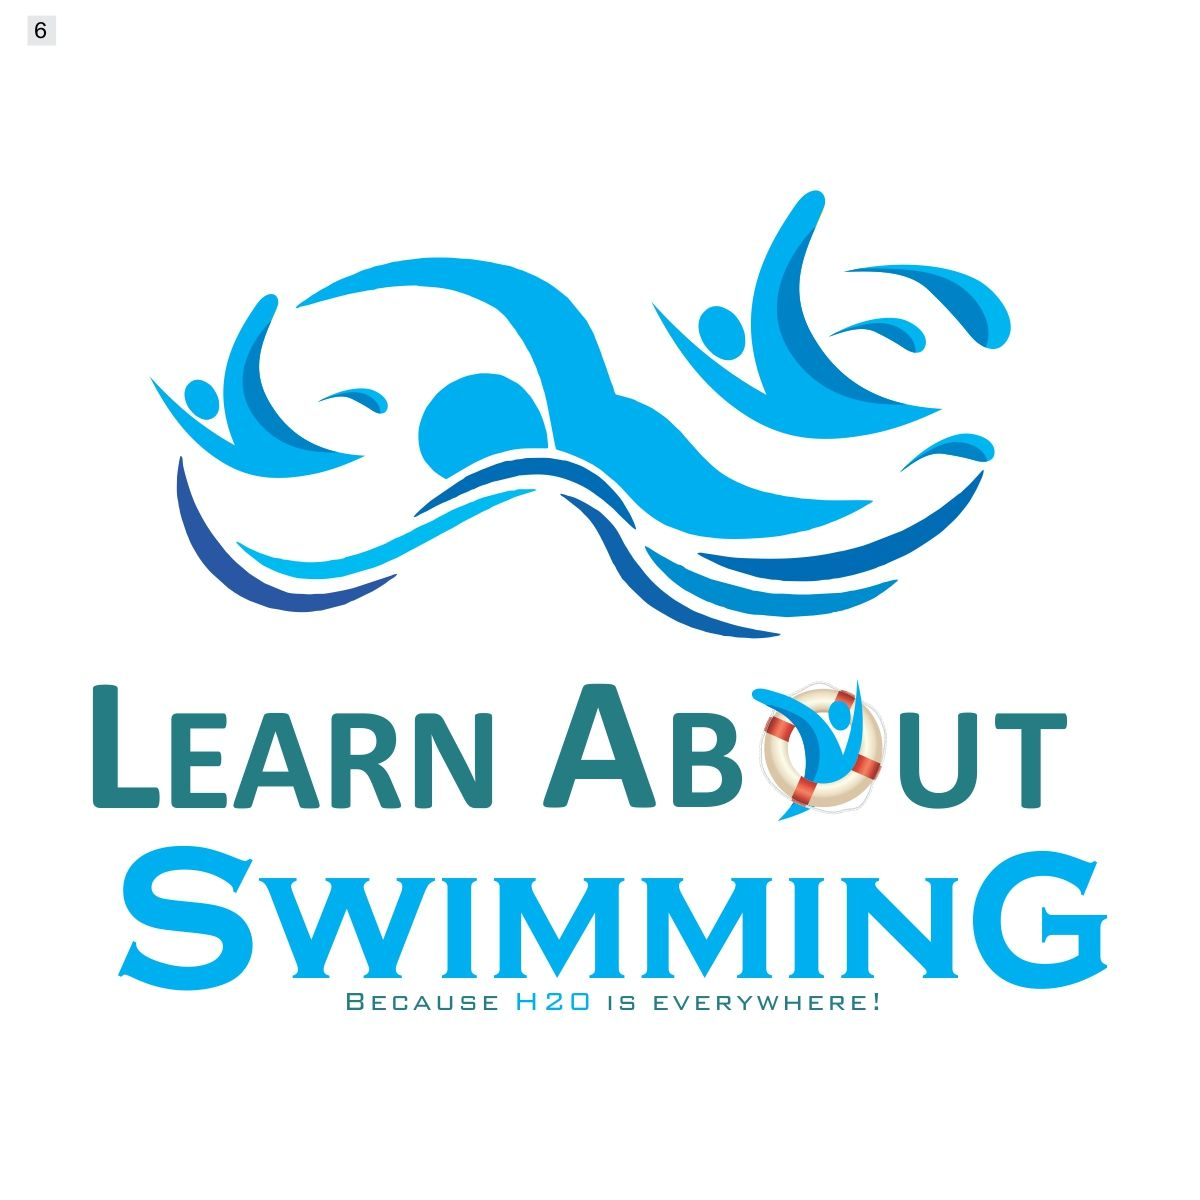 57 Elegant Logo Designs Logos Design Swimming Pool Accessories